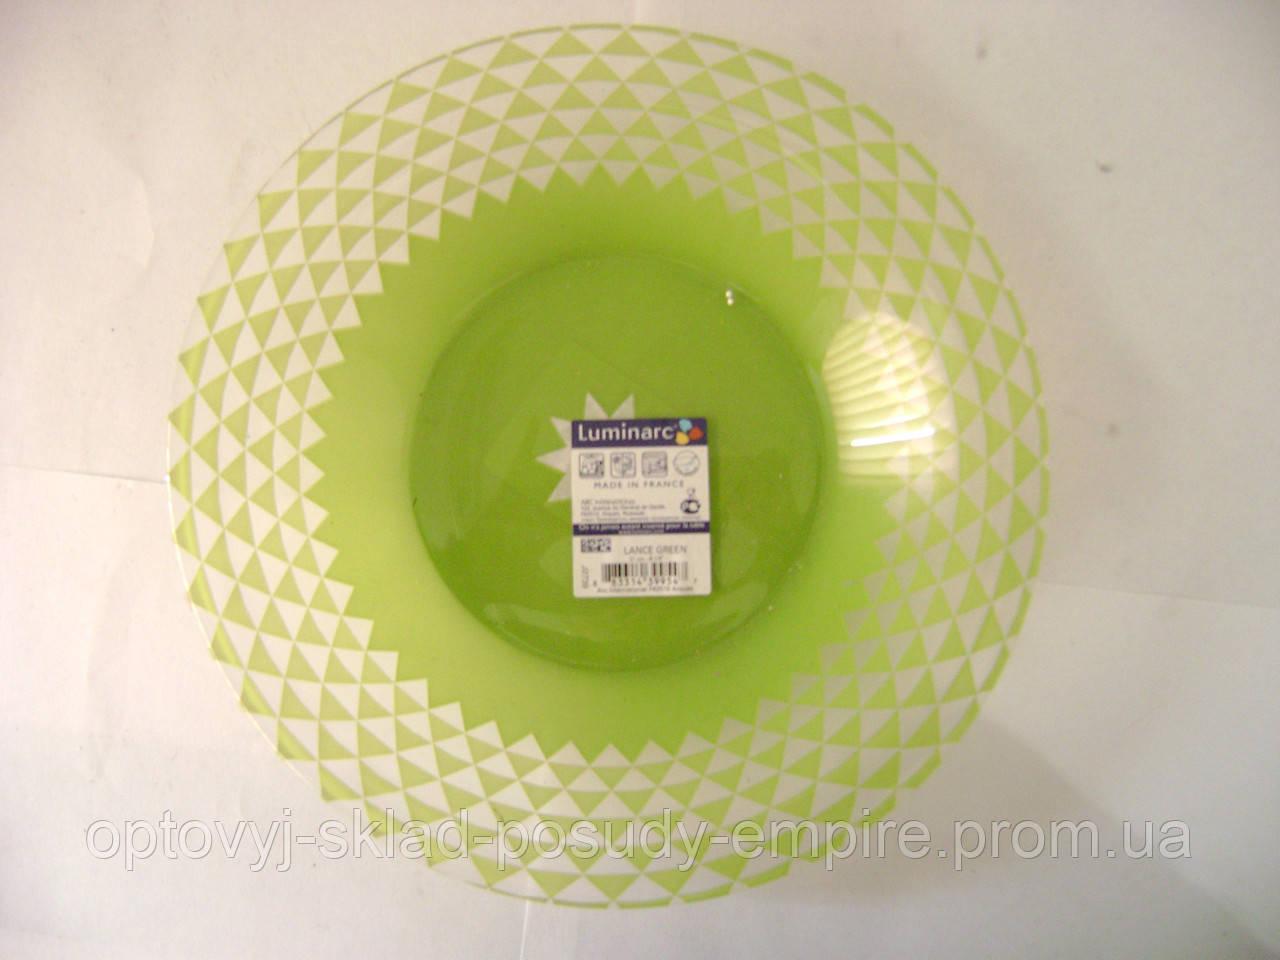 Тарілка Luminarc Green супова 21 см